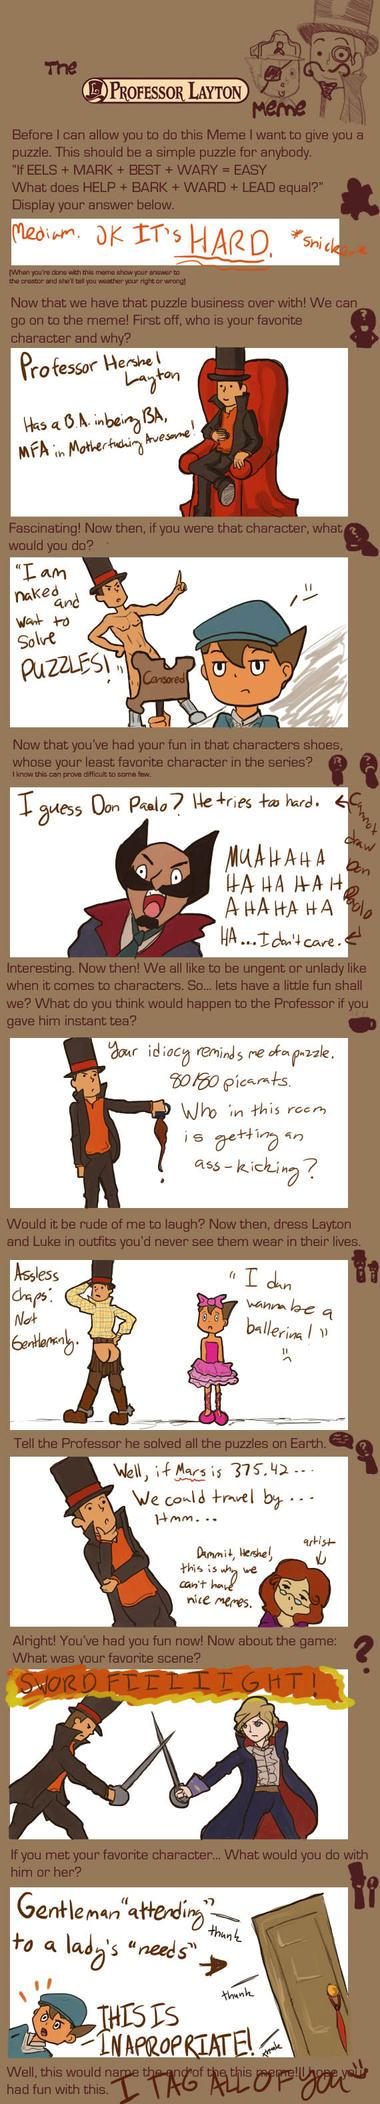 Professah Layton Meme woo by rosevixen